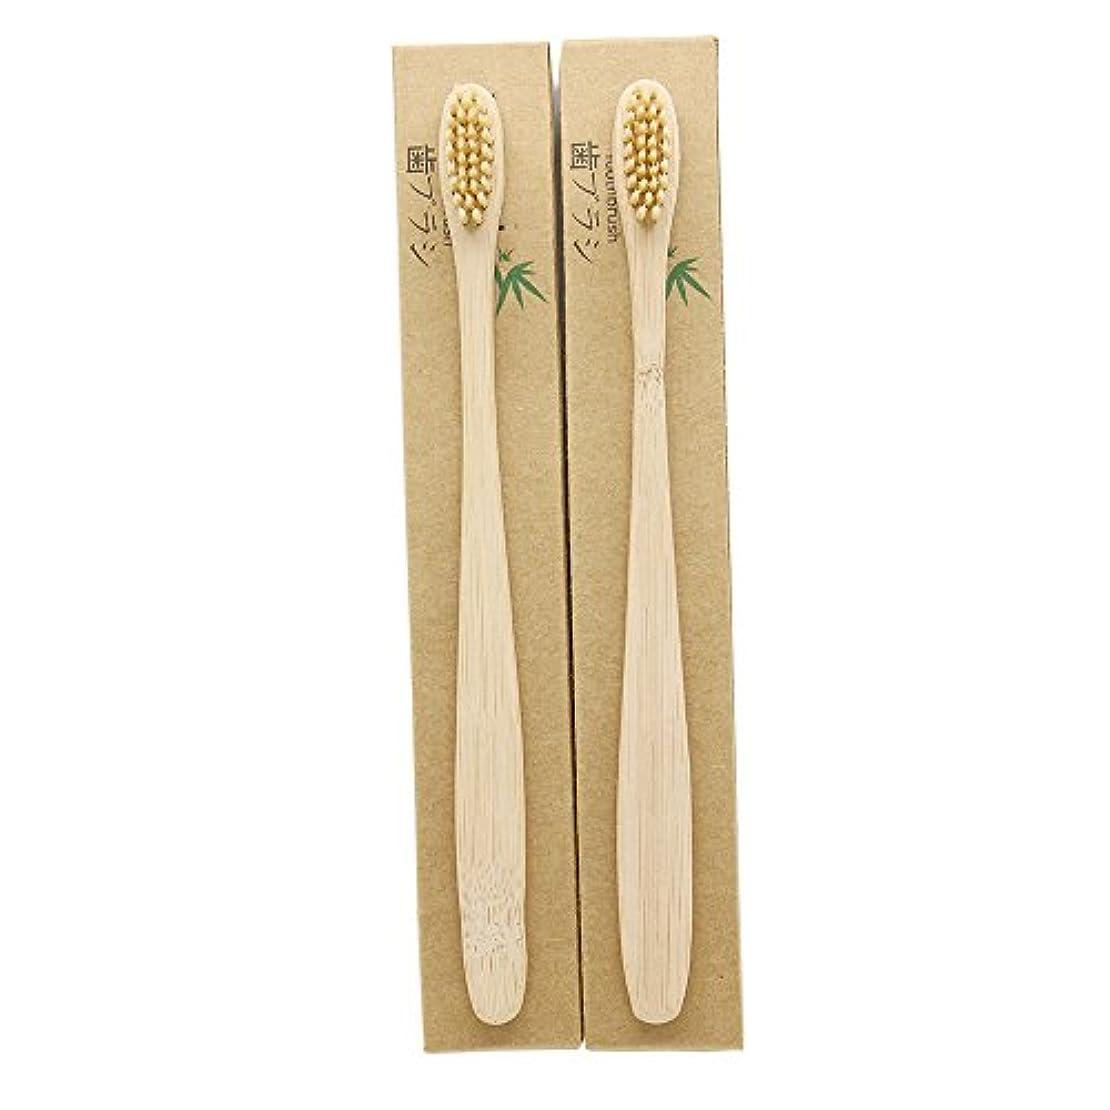 メディックバンドル鎖N-amboo 竹製耐久度高い 歯ブラシ 2本入り セット エコ ヘッド小さい クリ—ム色